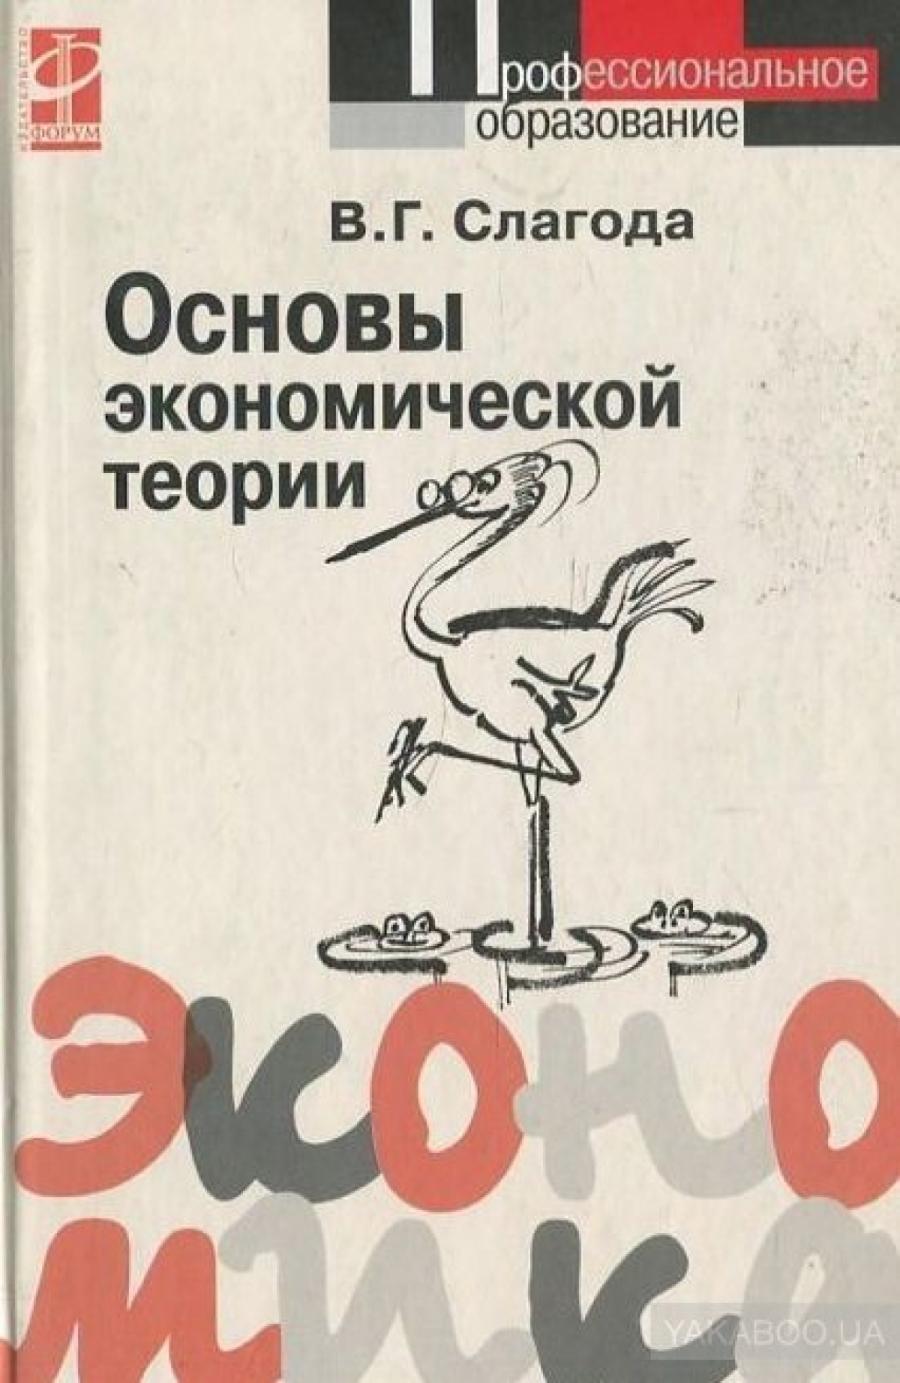 Обложка книги:  м.в. мельник, е.б. герасимова - анализ финансово-хозяйственной деятельности предприятия